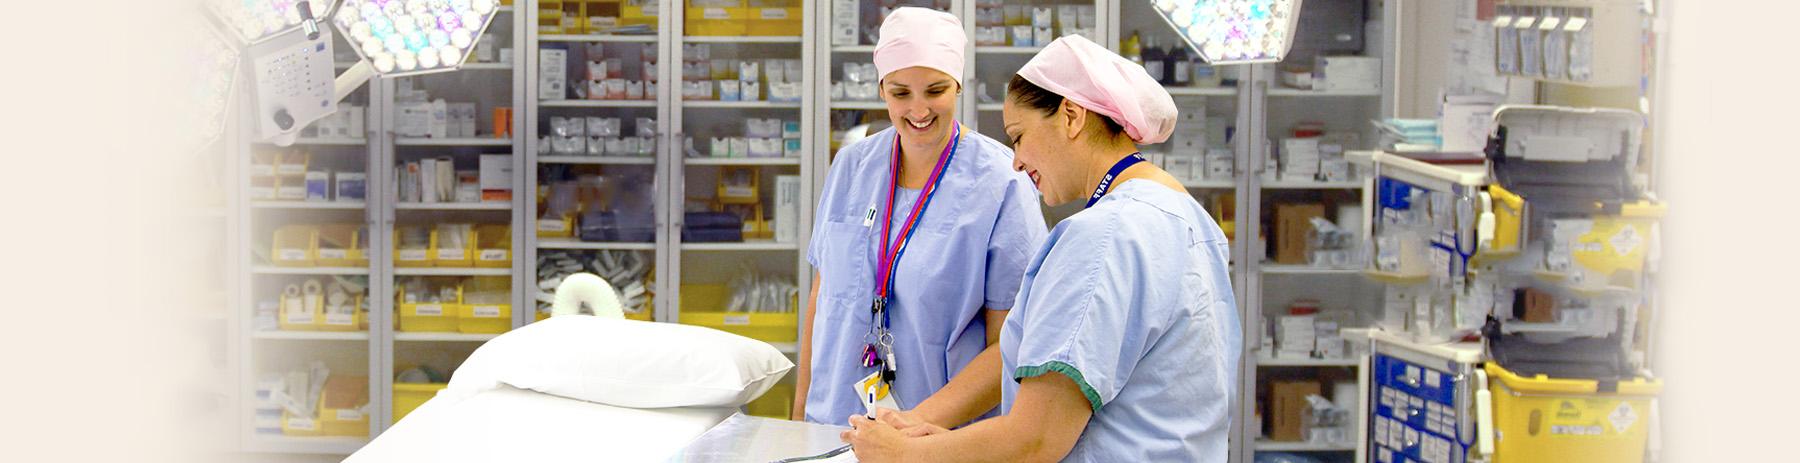 Dermatologist Sydney, Chatswood & Sutherland Shire | Sydney